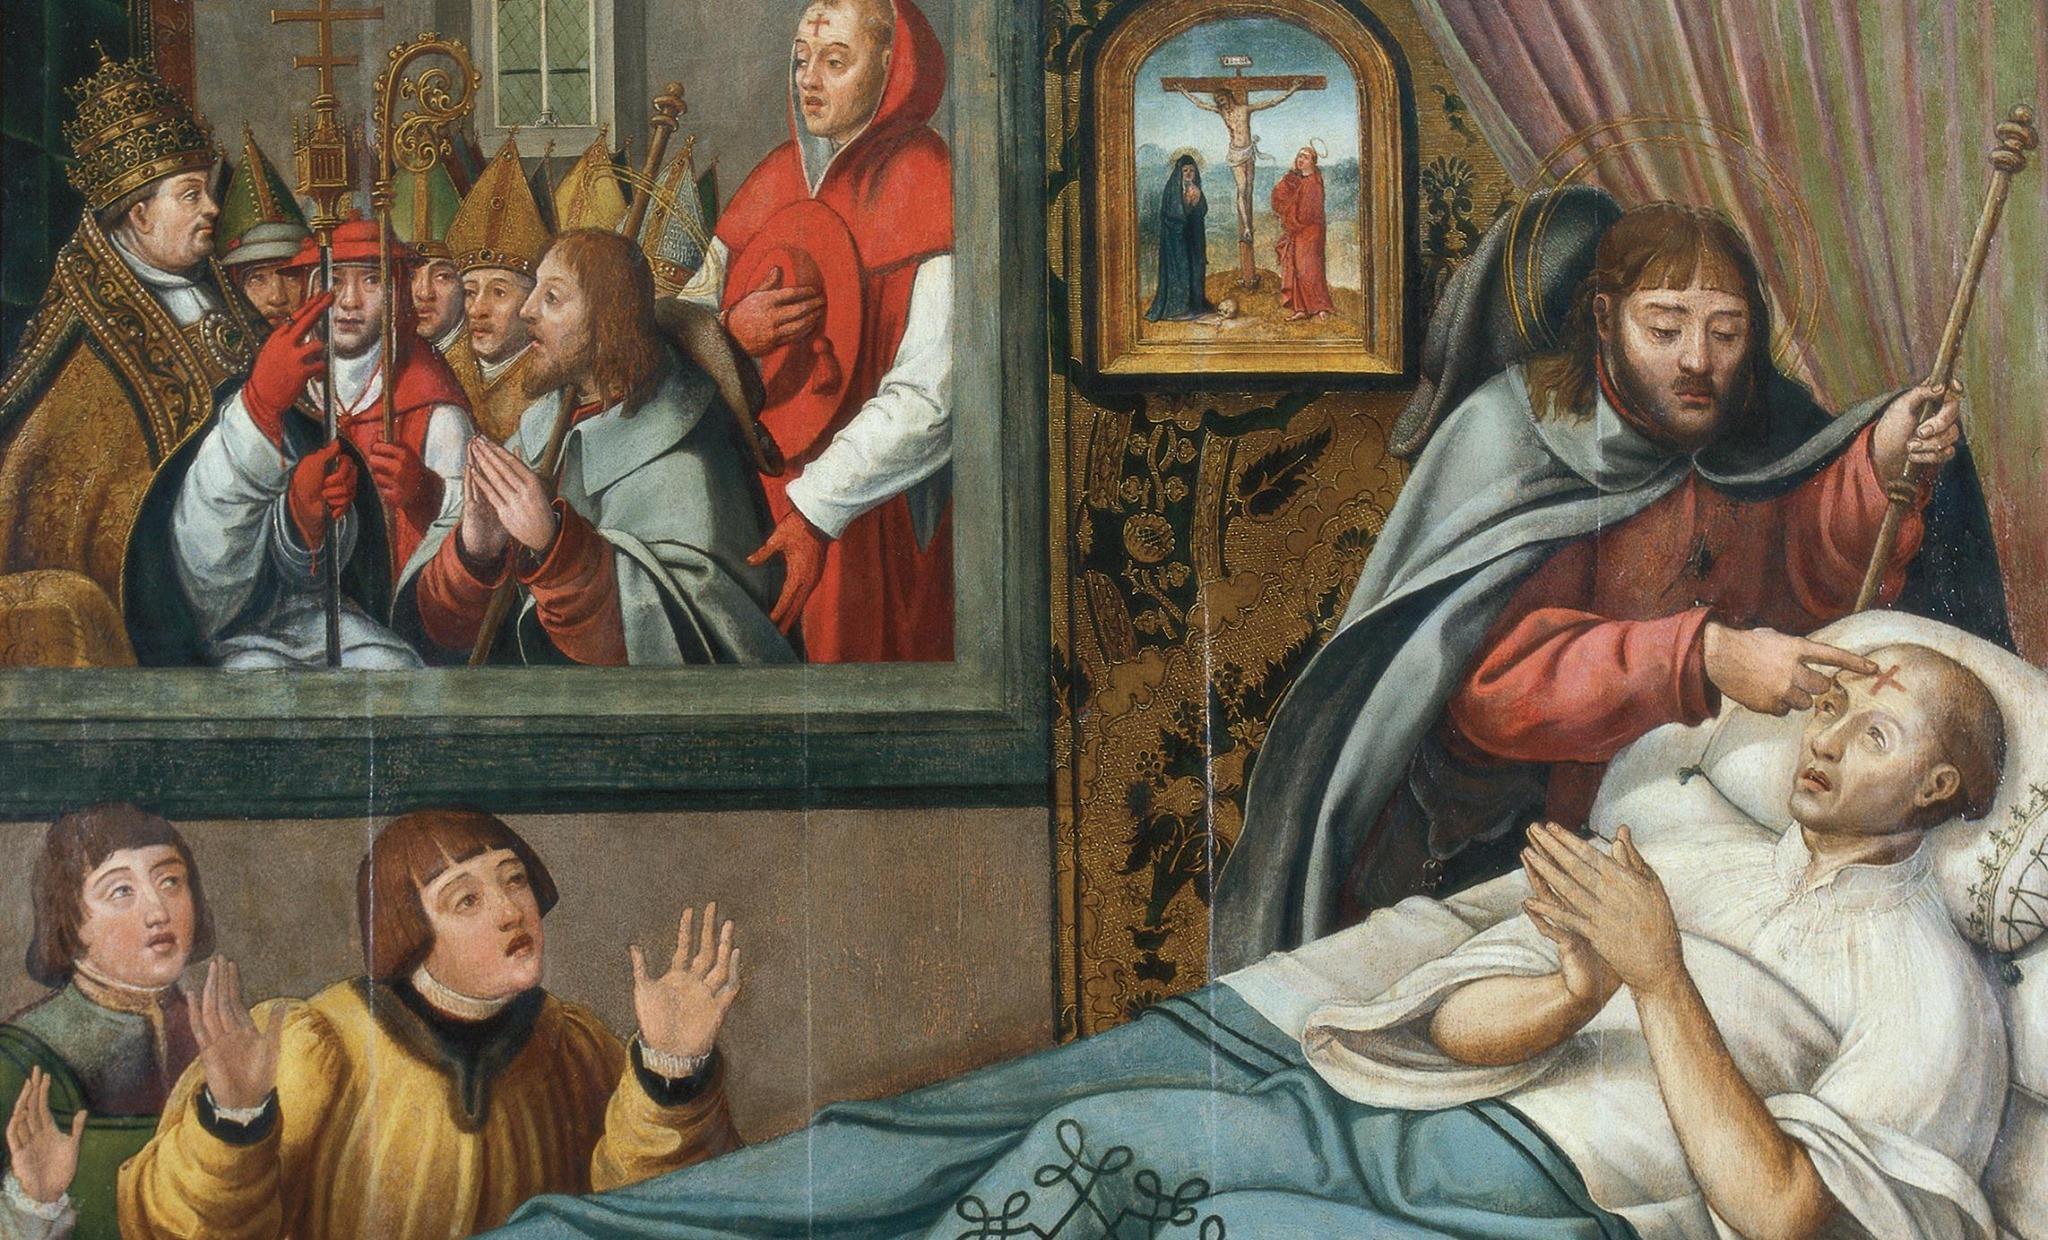 Pandemias e religiosidade | Visita temática ao Museu de São Roque